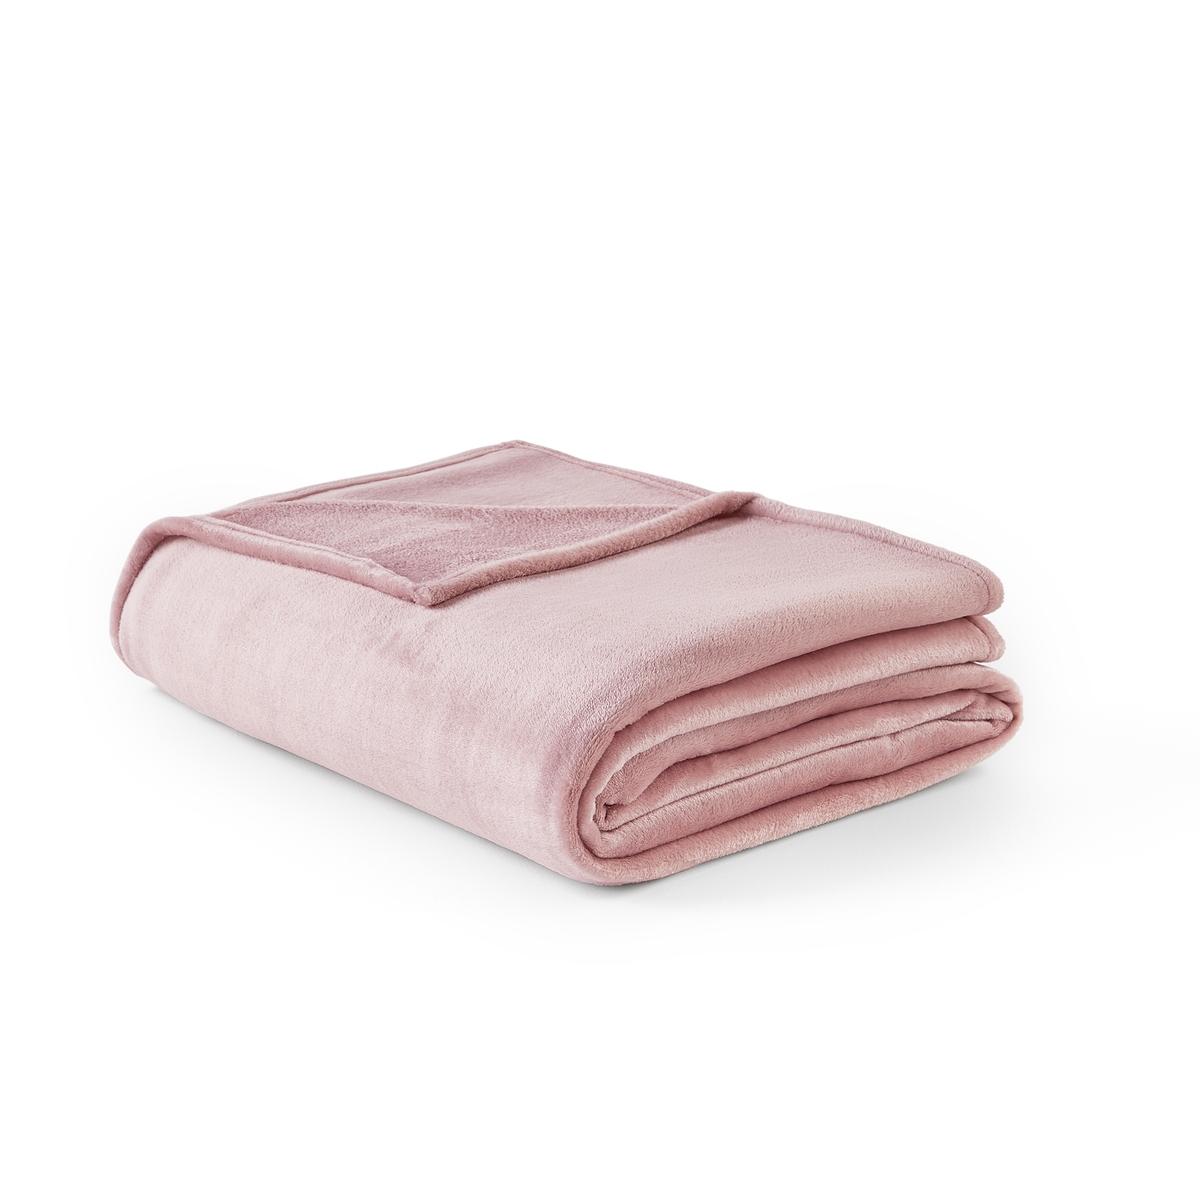 Одеяло La Redoute Из микрофибры Mild 240 x 220 см розовый